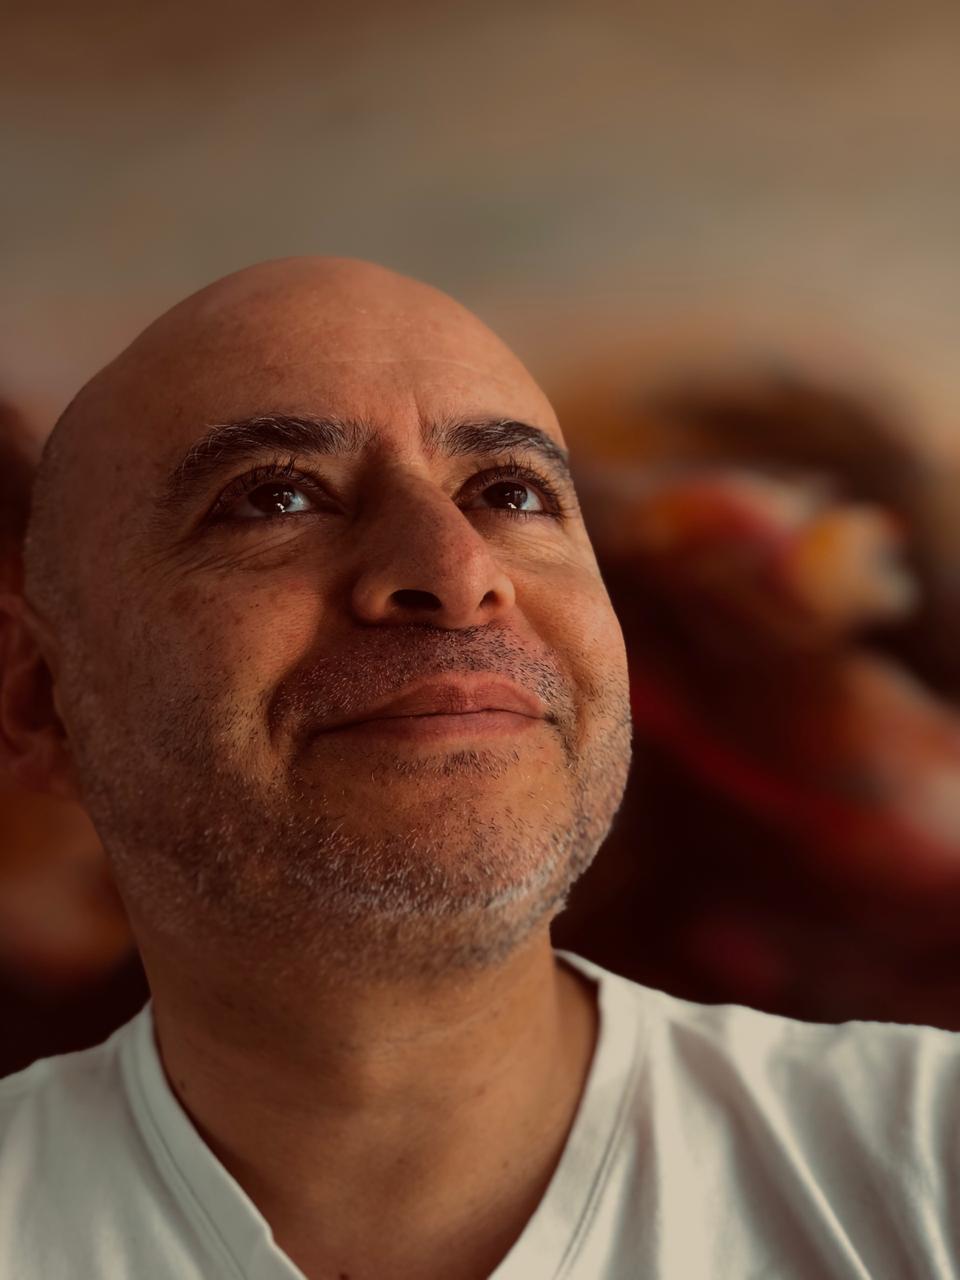 Javier Enrique Delgado Perez